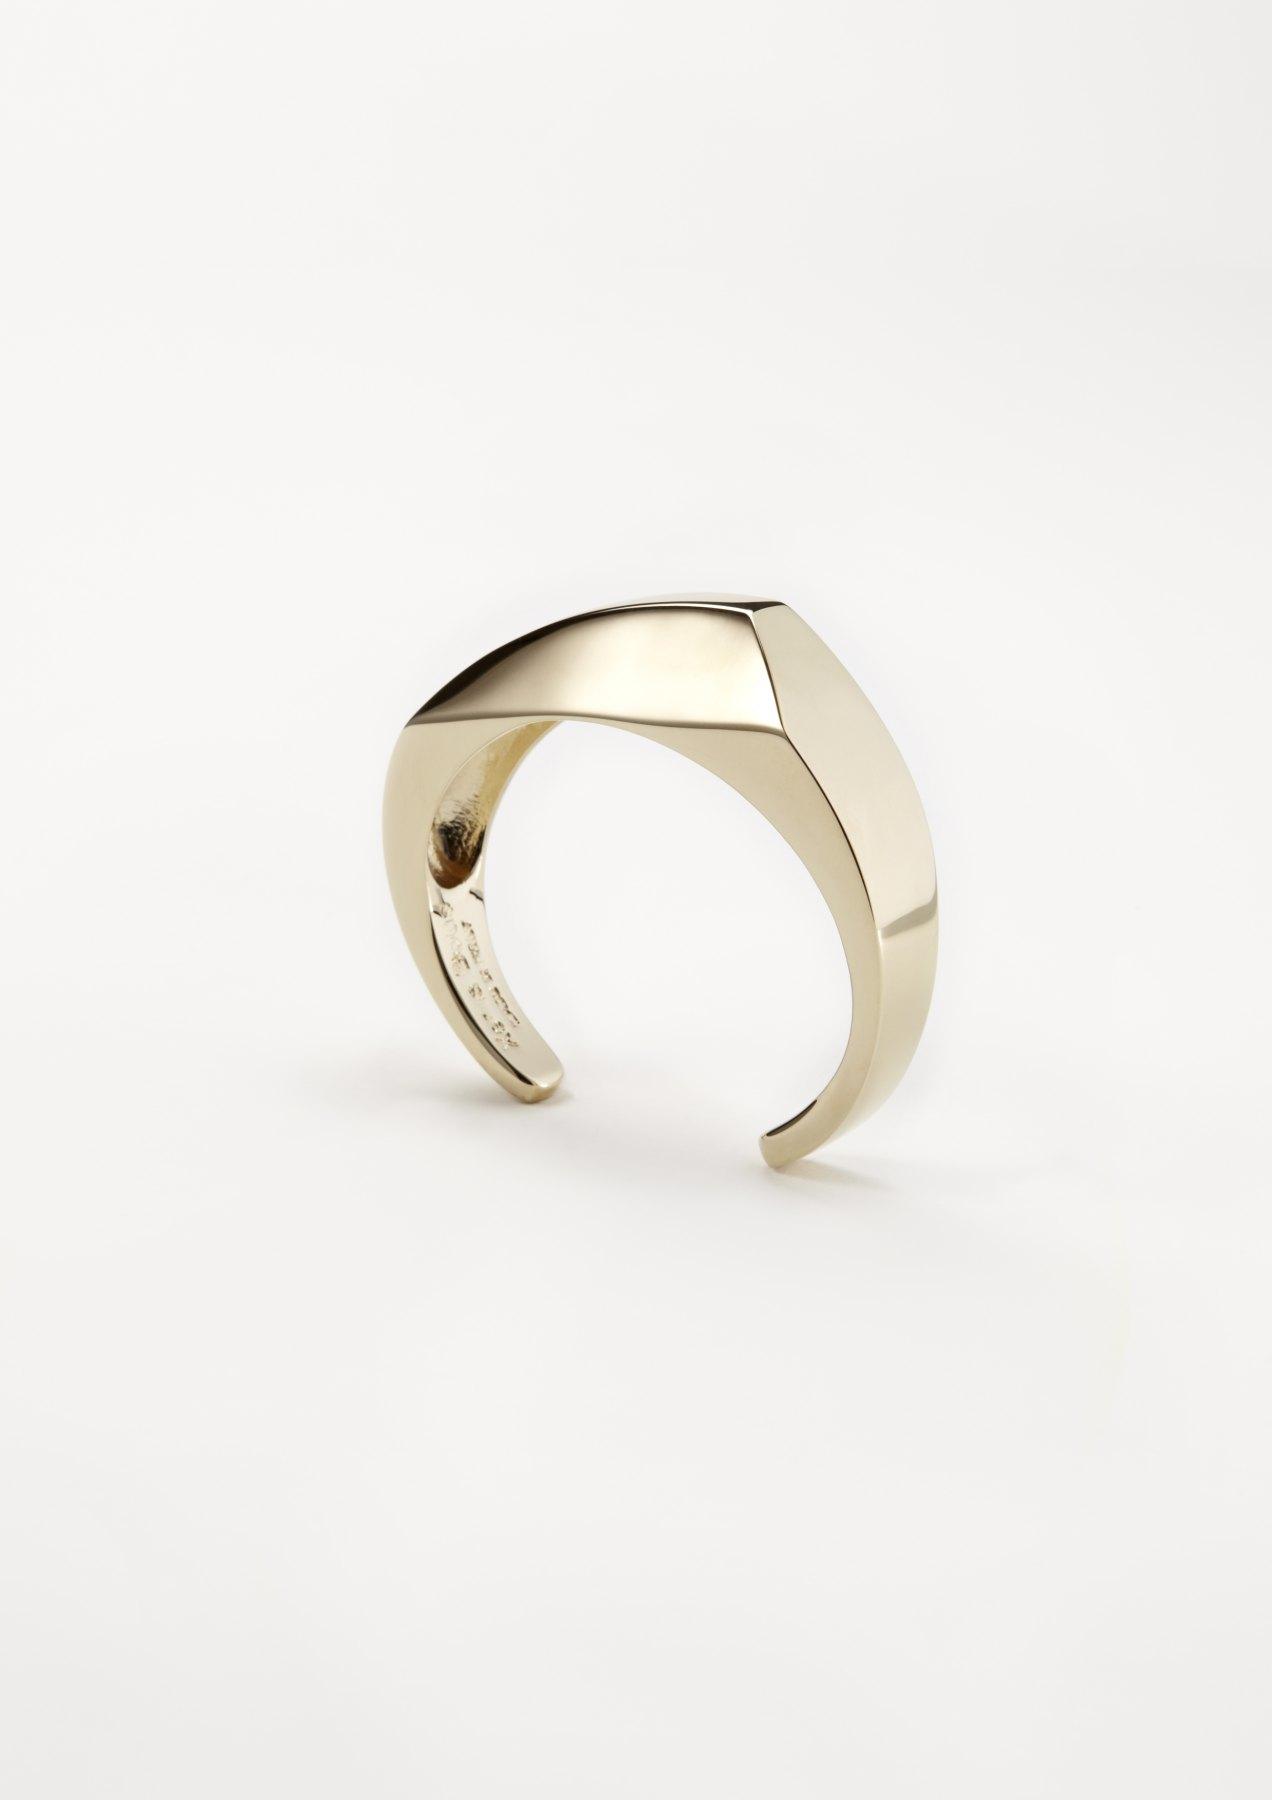 xenia bous jewellery golden stone 20 small diamond cuff gold silver